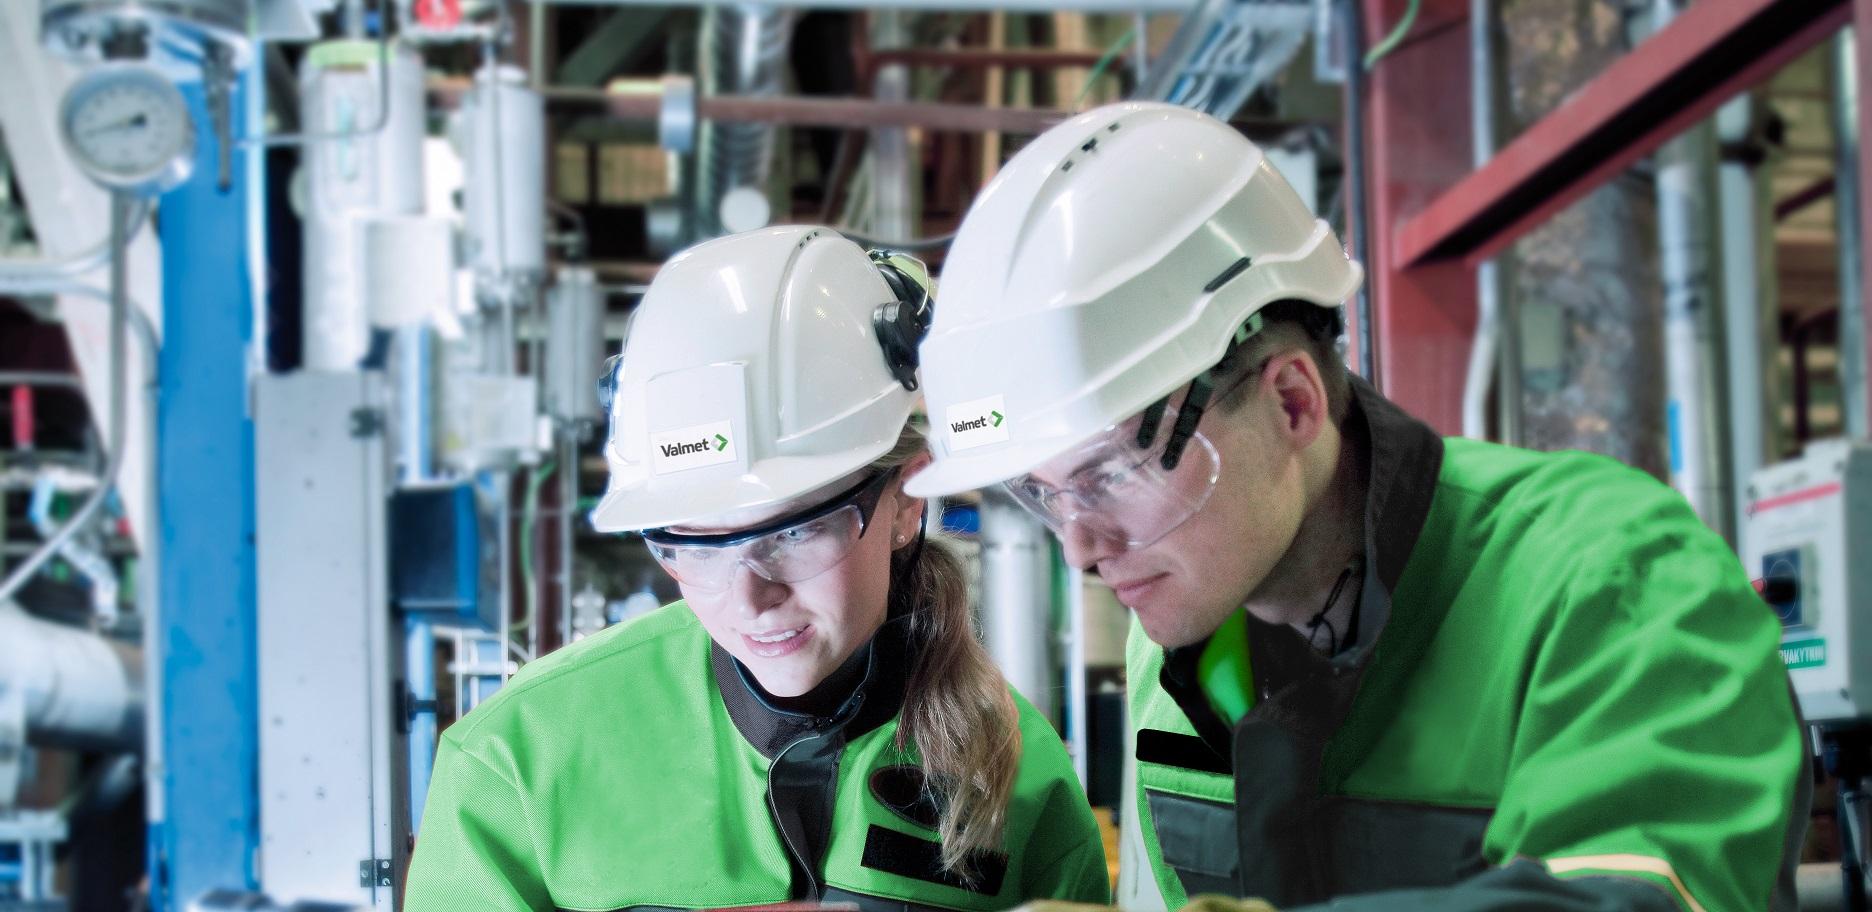 Инженер-технолог: целлюлозно-бумажная промышленность